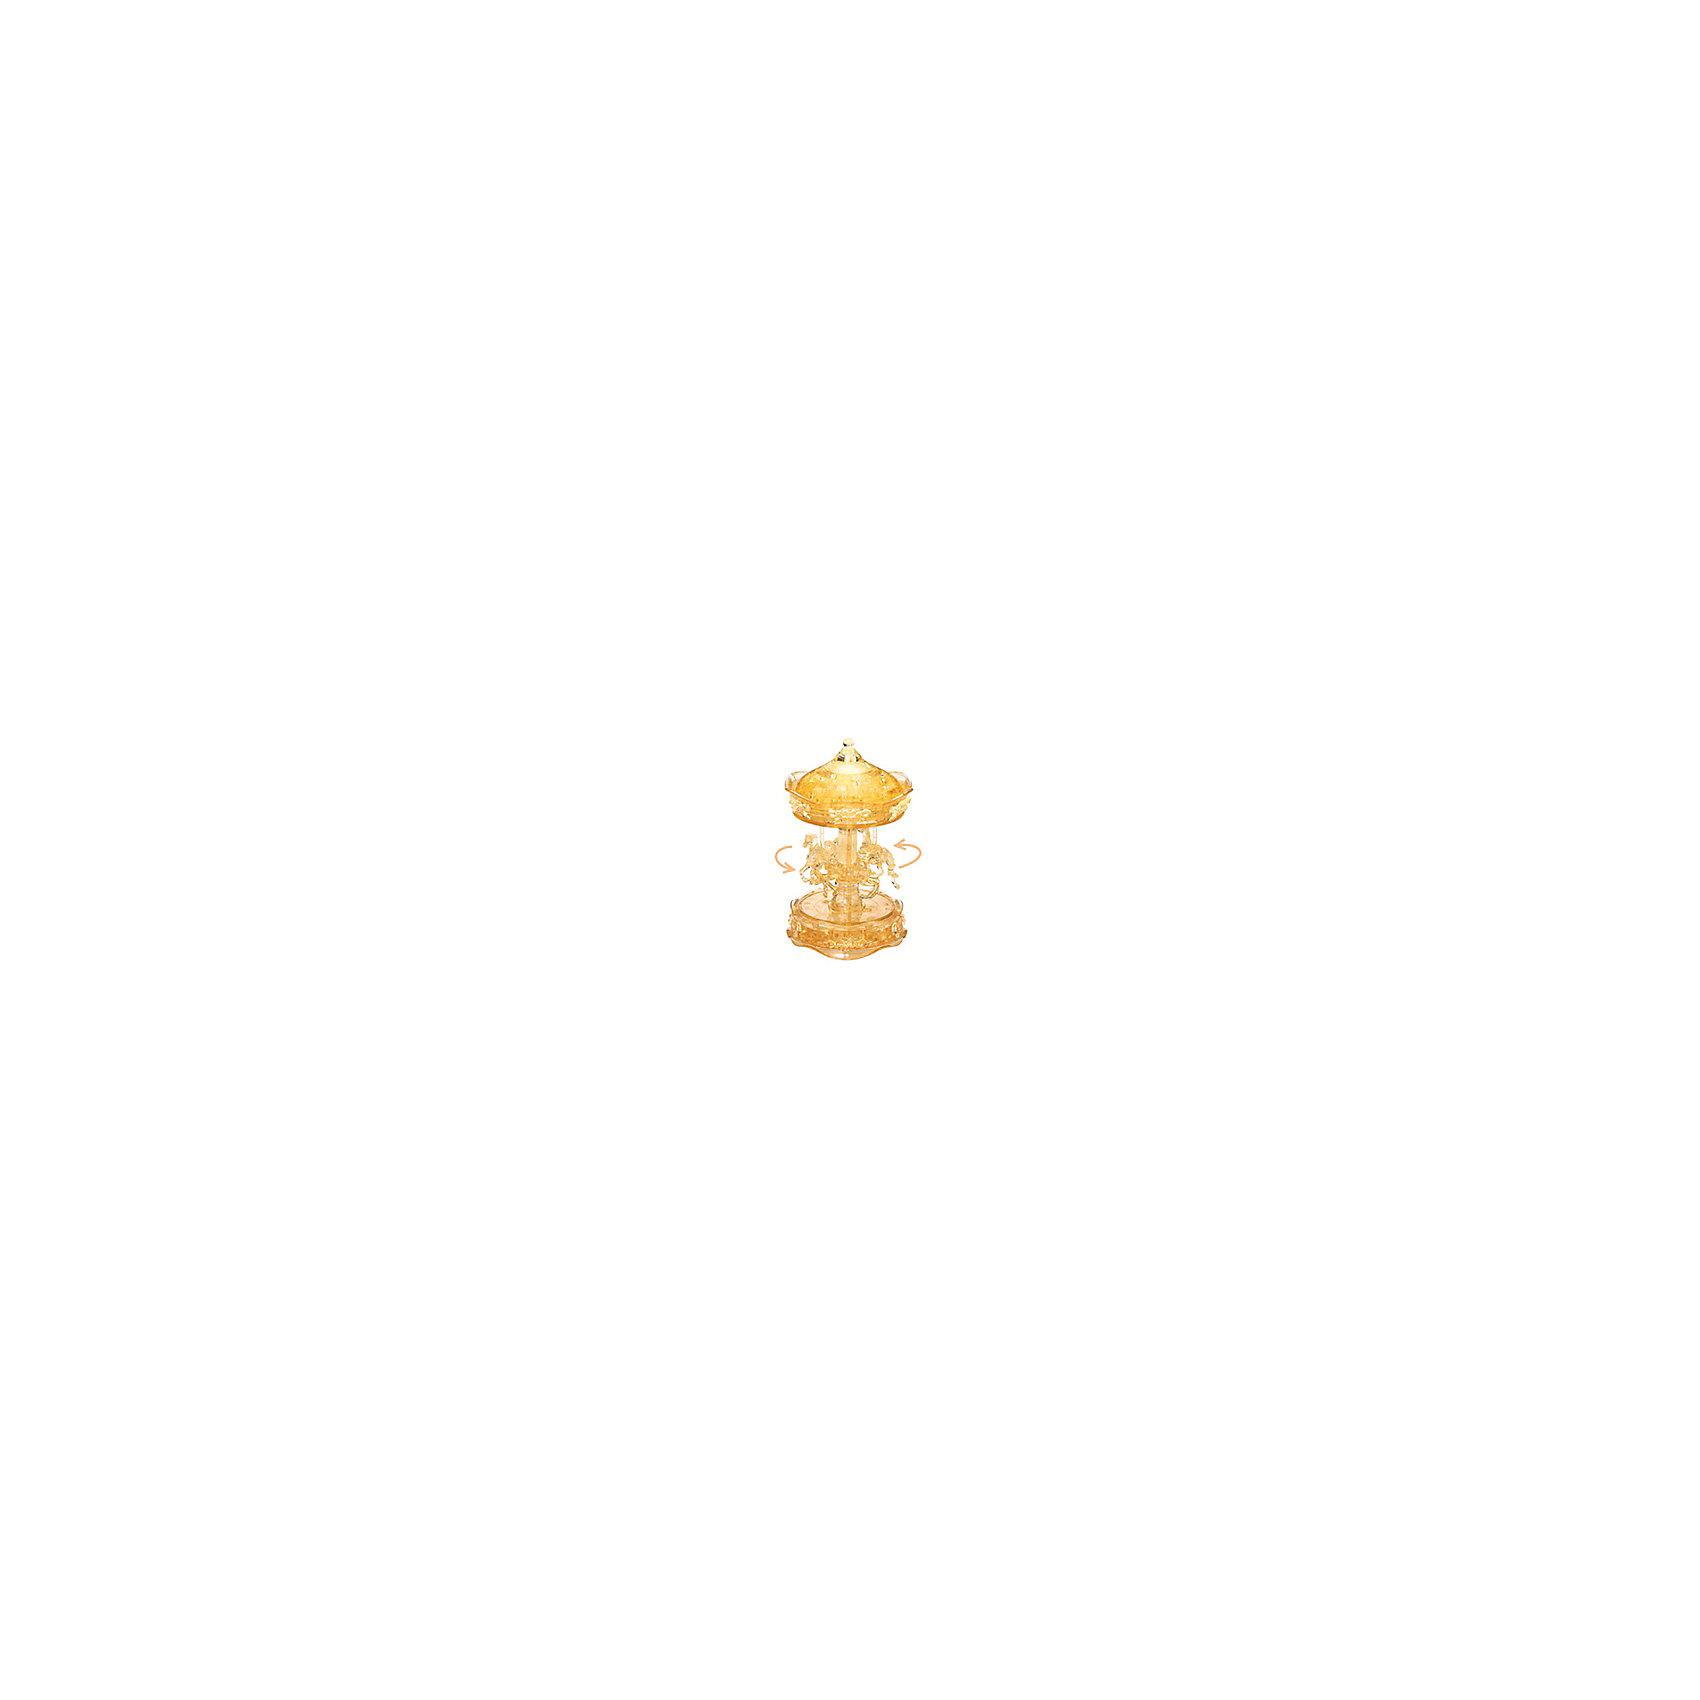 Кристаллический пазл 3D Золотая карусель, Crystal Puzzle3D пазлы<br>Кристаллический пазл 3D Золотая карусель, Crystal Puzzle (Кристал Пазл)<br><br>Характеристики:<br><br>• яркий объемный пазл<br>• размер готовой фигурки: 19 см<br>• количество деталей: 83<br>• высокая сложность<br>• размер упаковки: 6х19х8 см<br>• вес: 468 грамм<br>• материал: пластик<br><br>Кристаллический пазл Золотая карусель выглядит по-настоящему волшебным. И пусть высокая сложность сборки вас не пугает, ведь результат будет удивительным! В комплект входят 83 сверкающие детали из пластика. Все детали пронумерованы, а инструкция поможет вам подробно разобраться в процессе сборки и не допустить ошибки. Готовая карусель в стиле 19 века - прекрасный сувенир, который украсит любую комнату.<br>Процесс собирания пазлов развивает логику, внимательность, пространственное мышление и усидчивость.<br><br>Кристаллический пазл 3D Золотая карусель, Crystal Puzzle (Кристал Пазл) вы можете купить в нашем интернет-магазине.<br><br>Ширина мм: 180<br>Глубина мм: 190<br>Высота мм: 60<br>Вес г: 467<br>Возраст от месяцев: 120<br>Возраст до месяцев: 2147483647<br>Пол: Женский<br>Возраст: Детский<br>SKU: 5397259